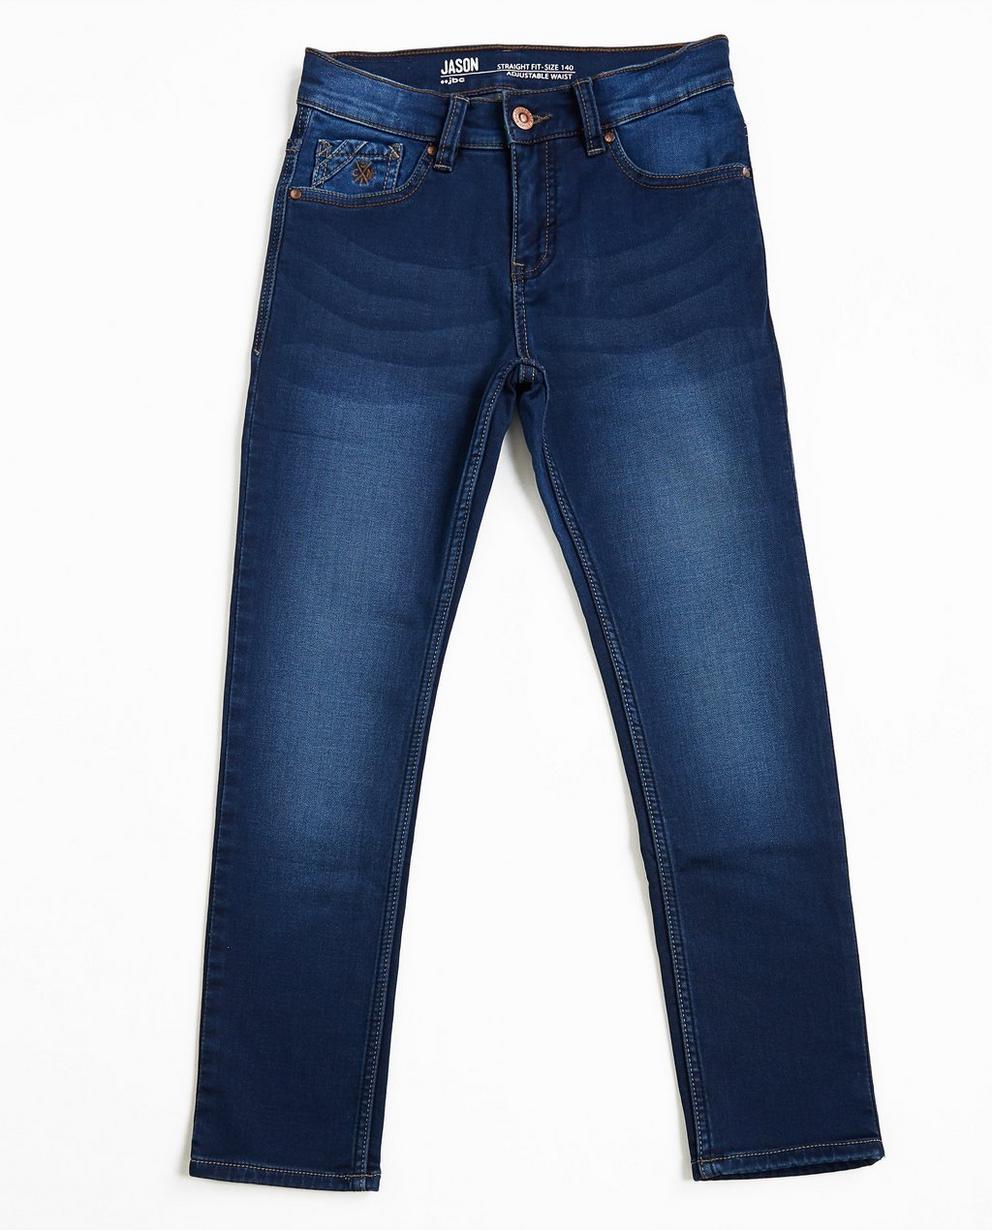 Jeans aus Sweat-Denim - aus Biobaumwolle - JBC